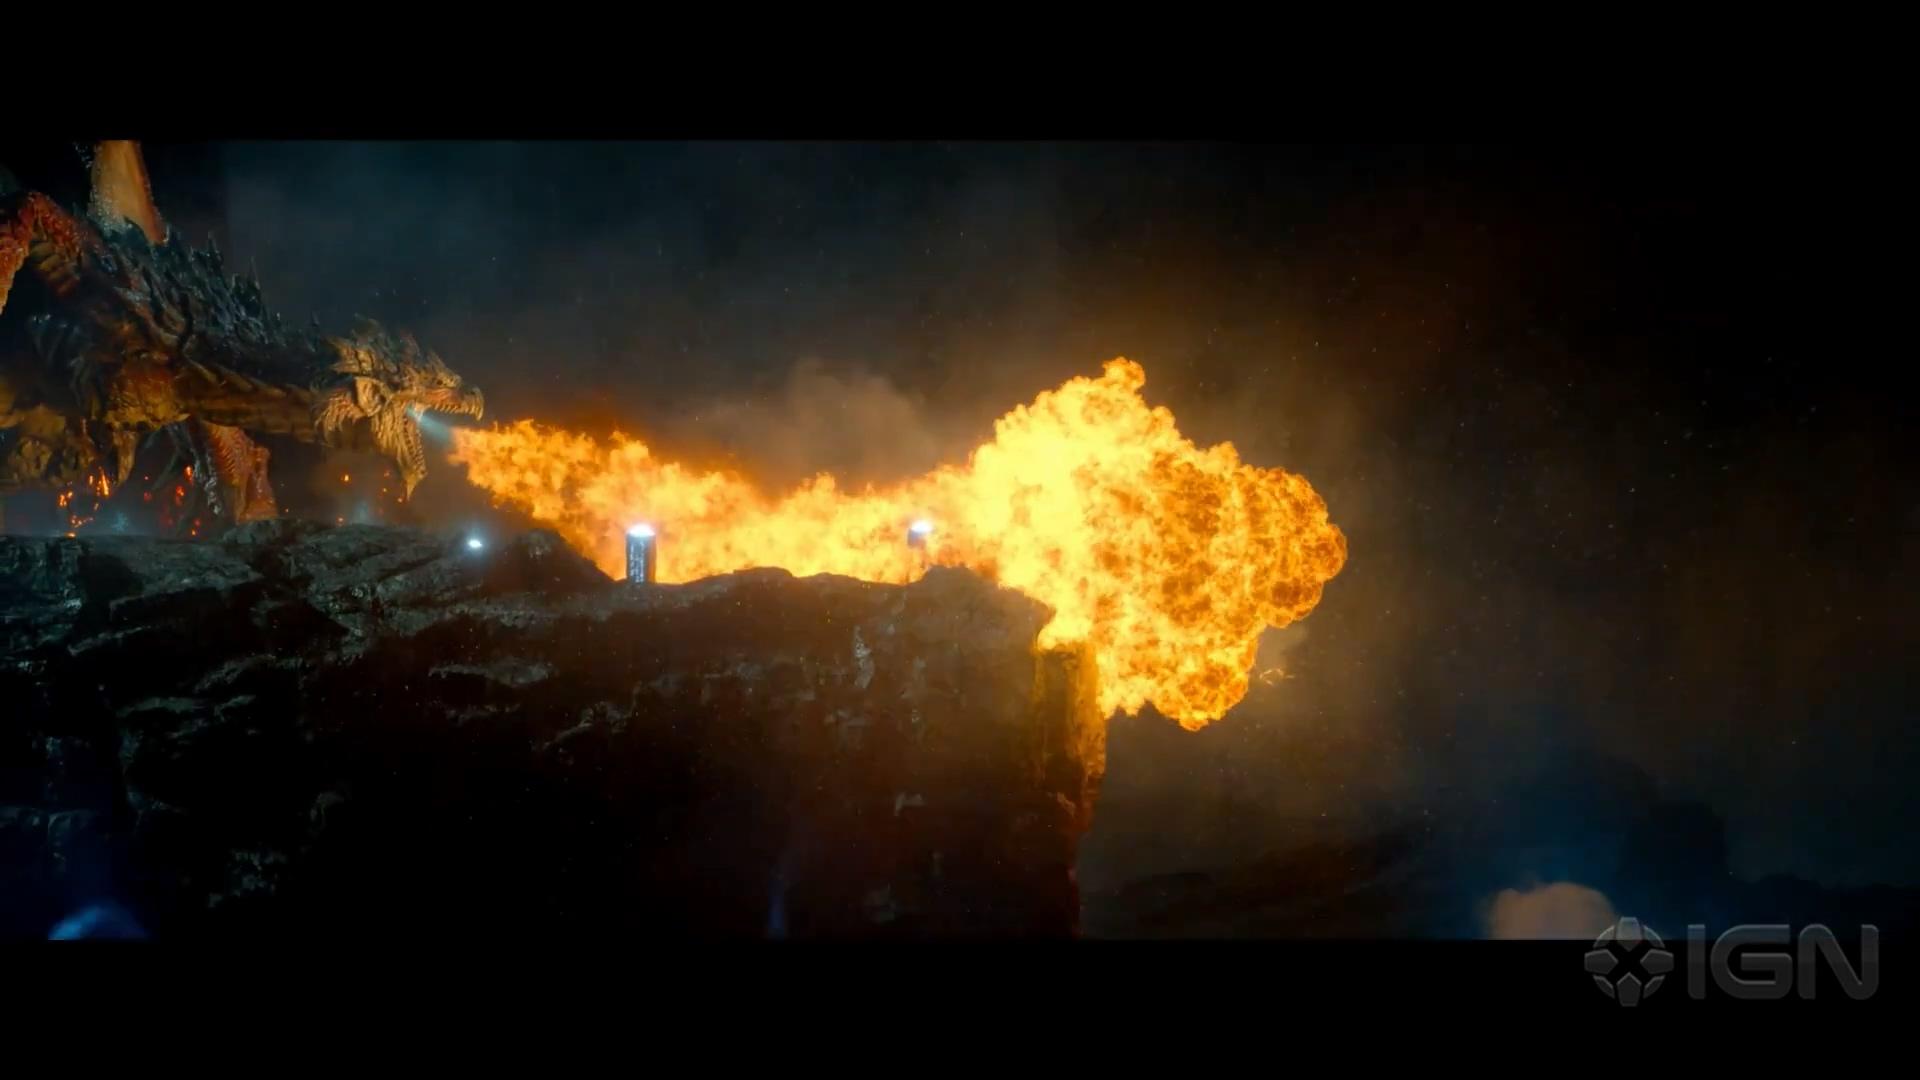 燃爆了!《怪物猎人》真人版电影136秒预告公开